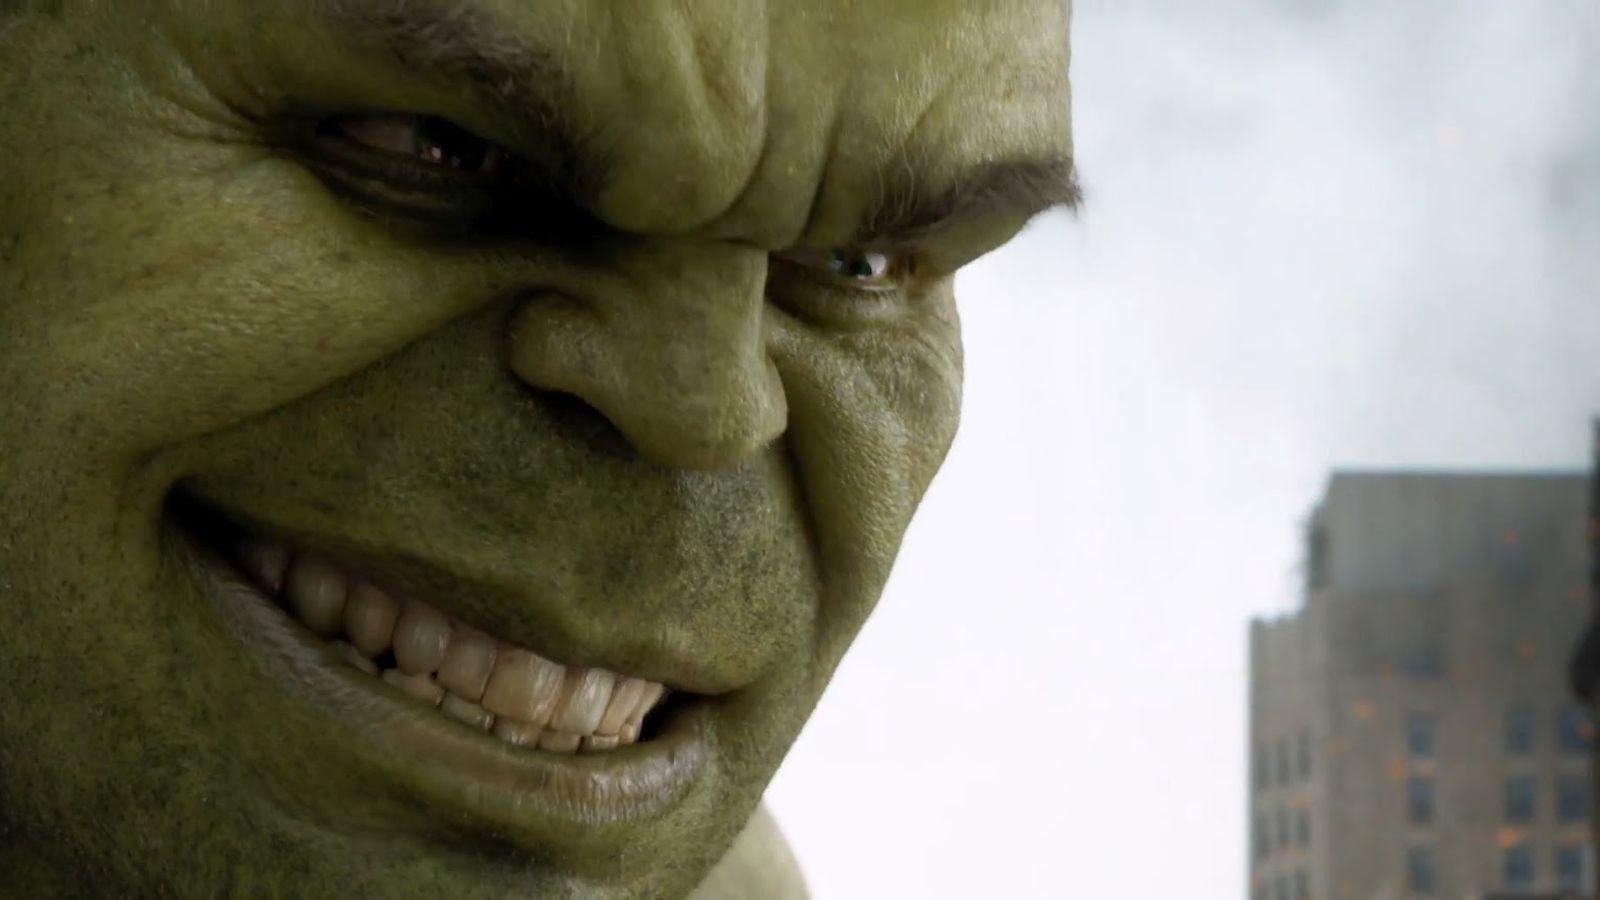 Mark Ruffalo: Hulk speaks in Thor: Ragnarok, sort of